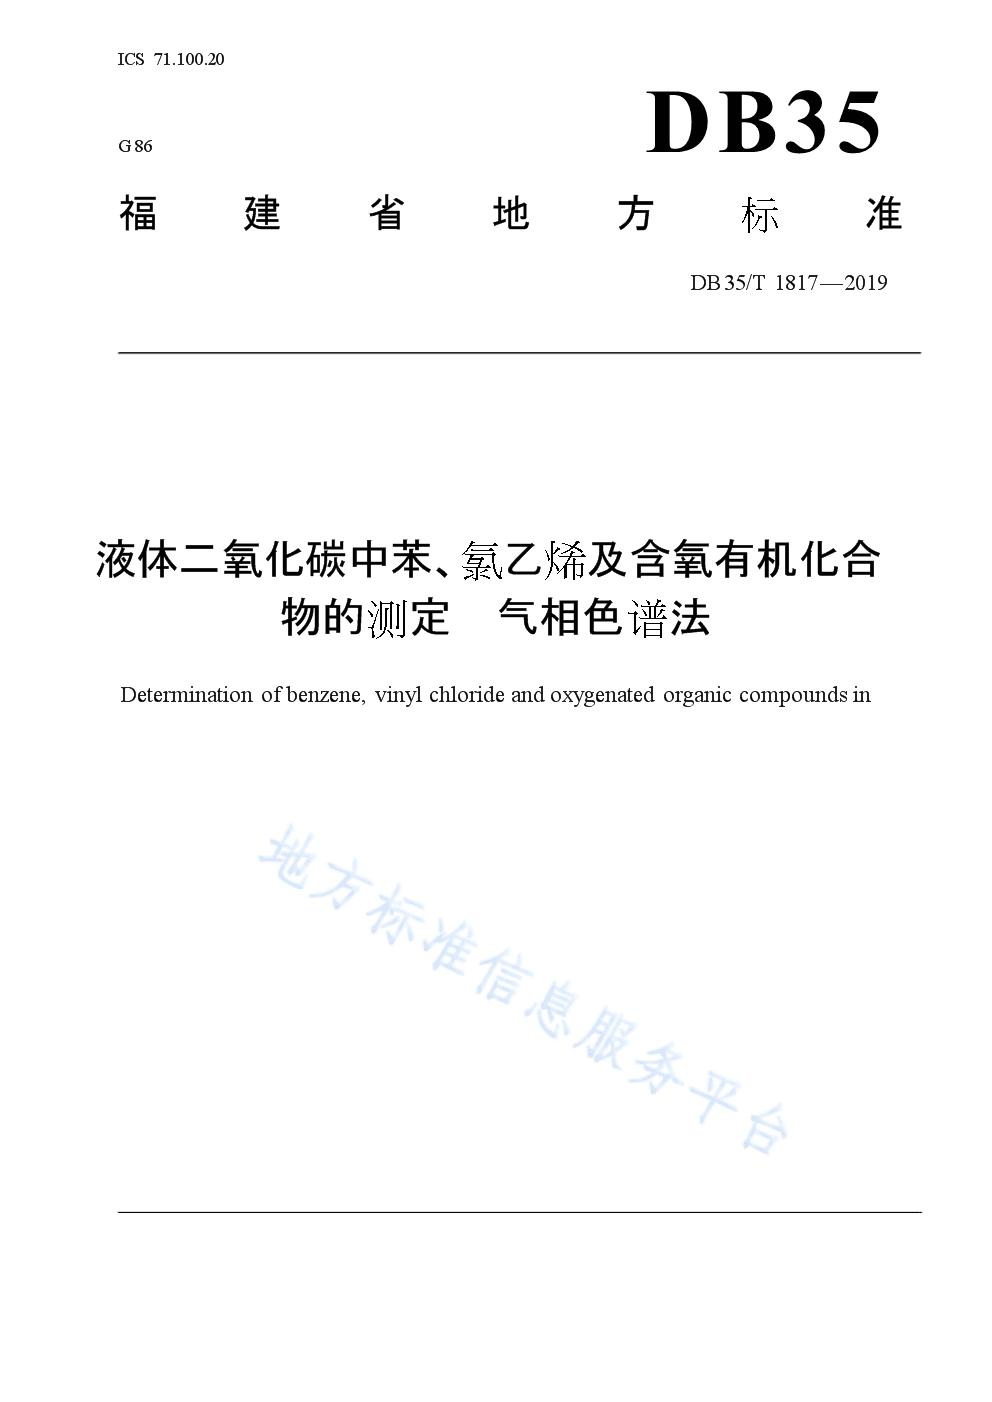 DB35_T 1817-2019 液体二氧化碳中苯、氯乙烯及含氧有机化合物的测定  气相色谱法.docx